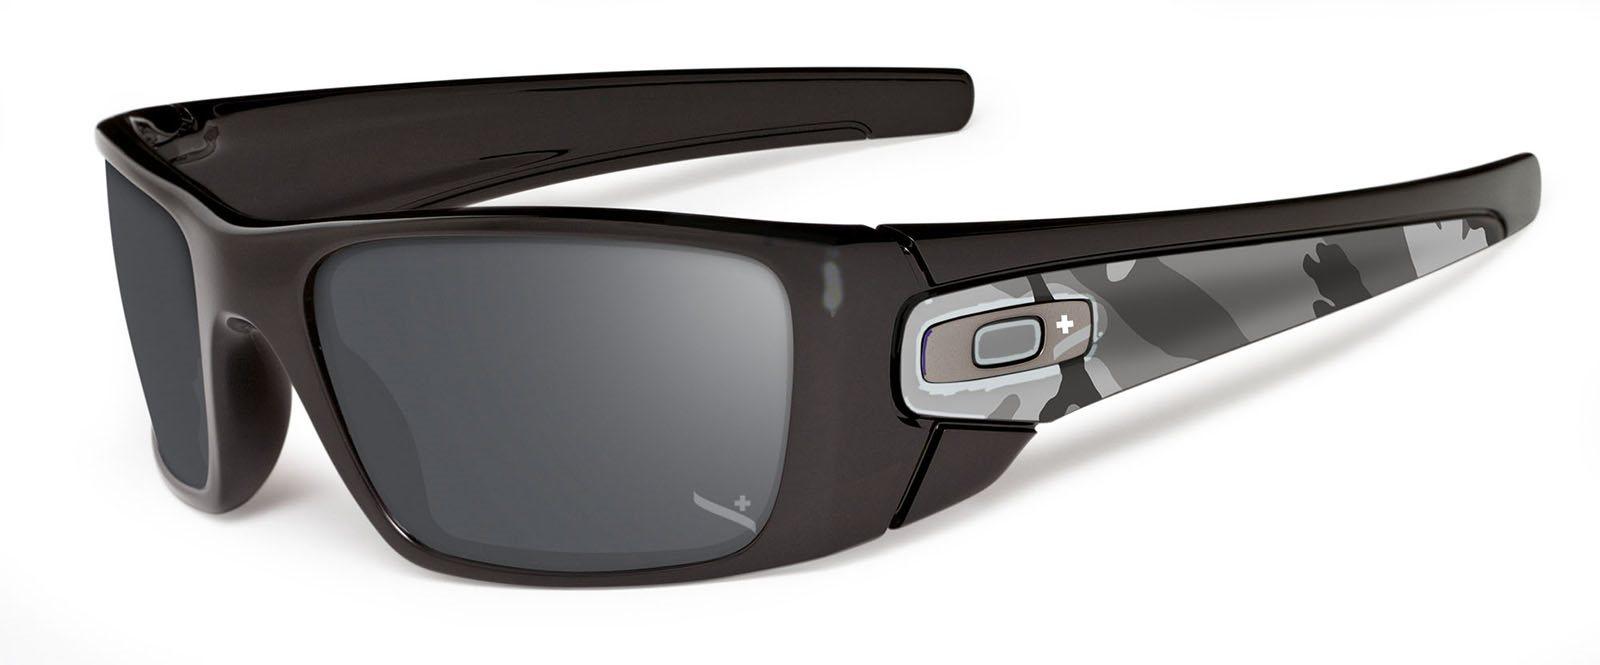 2b616e9bdc5d Oakley napszemüveg Fuel Cell fekete-iridium | aunergyor.hu